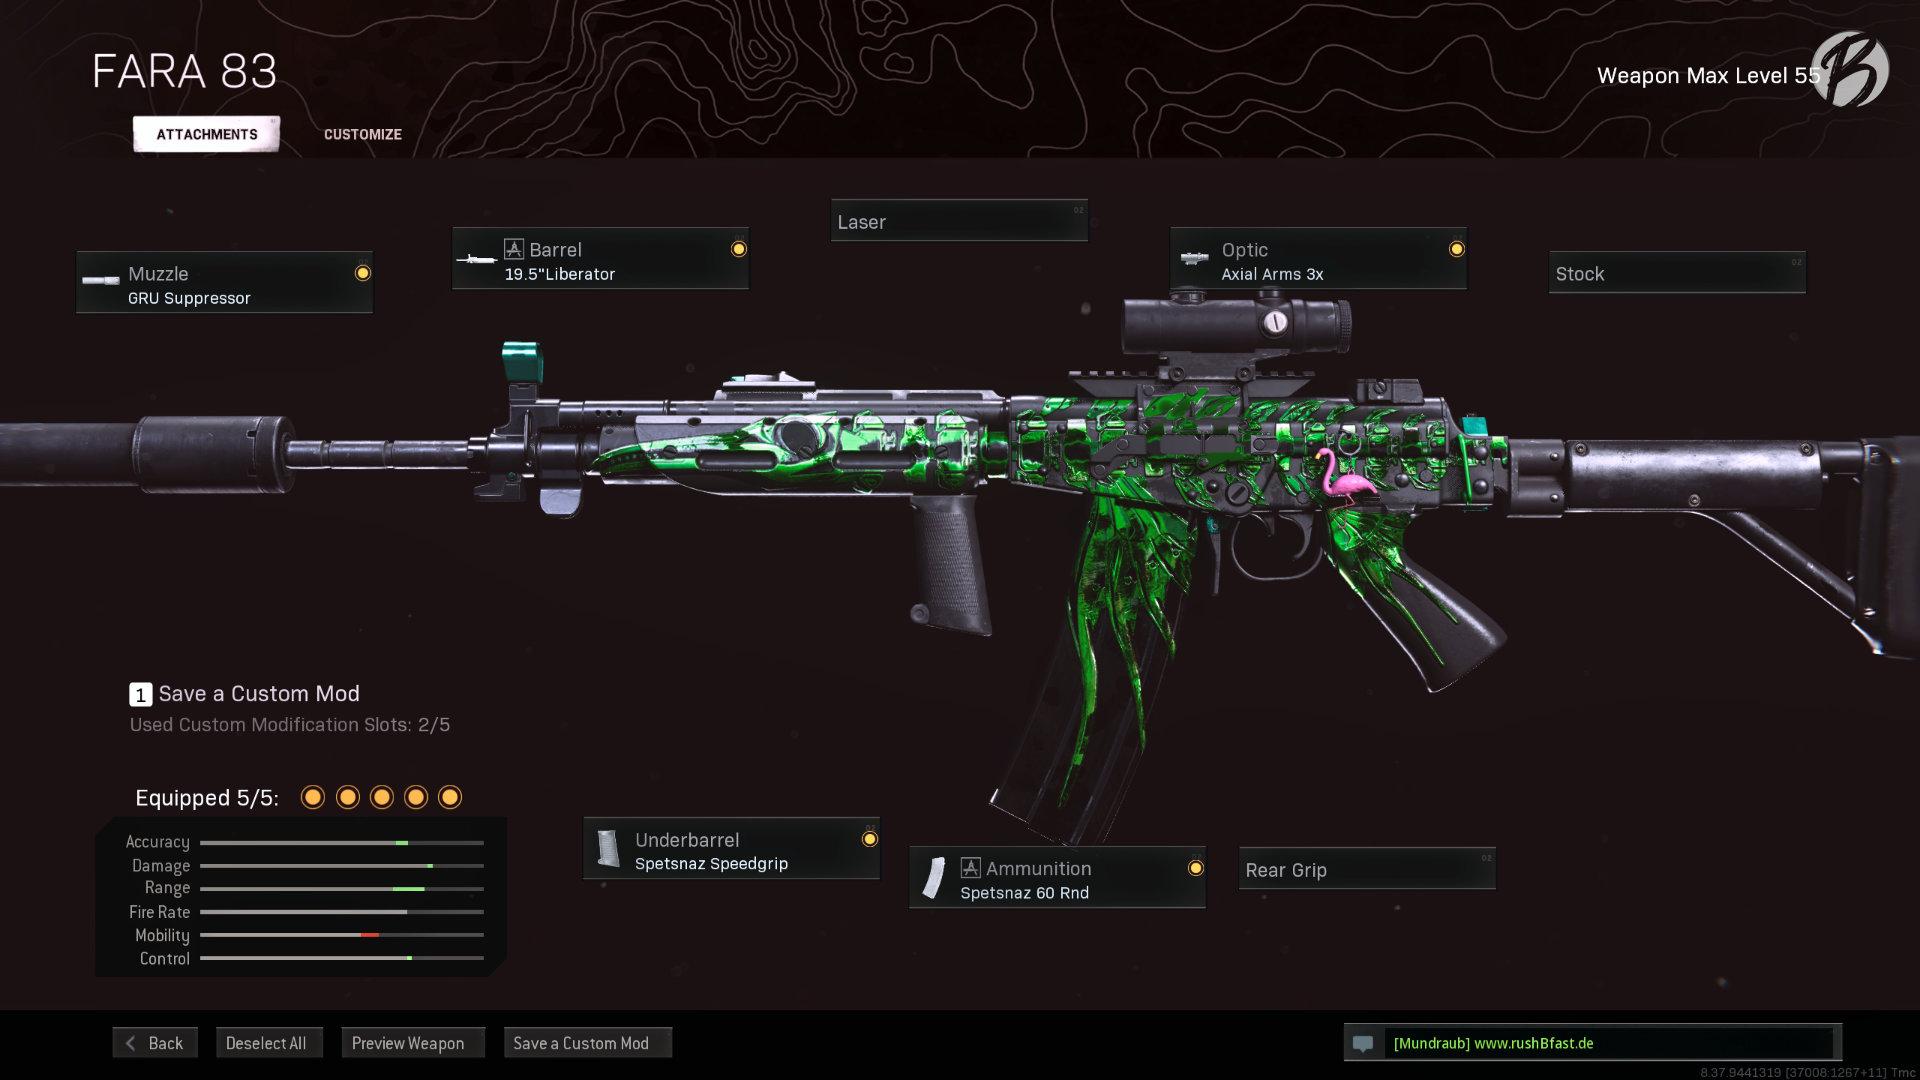 Call of Duty Warzone - Cold War Season 4 - FARA 83 (englisch)